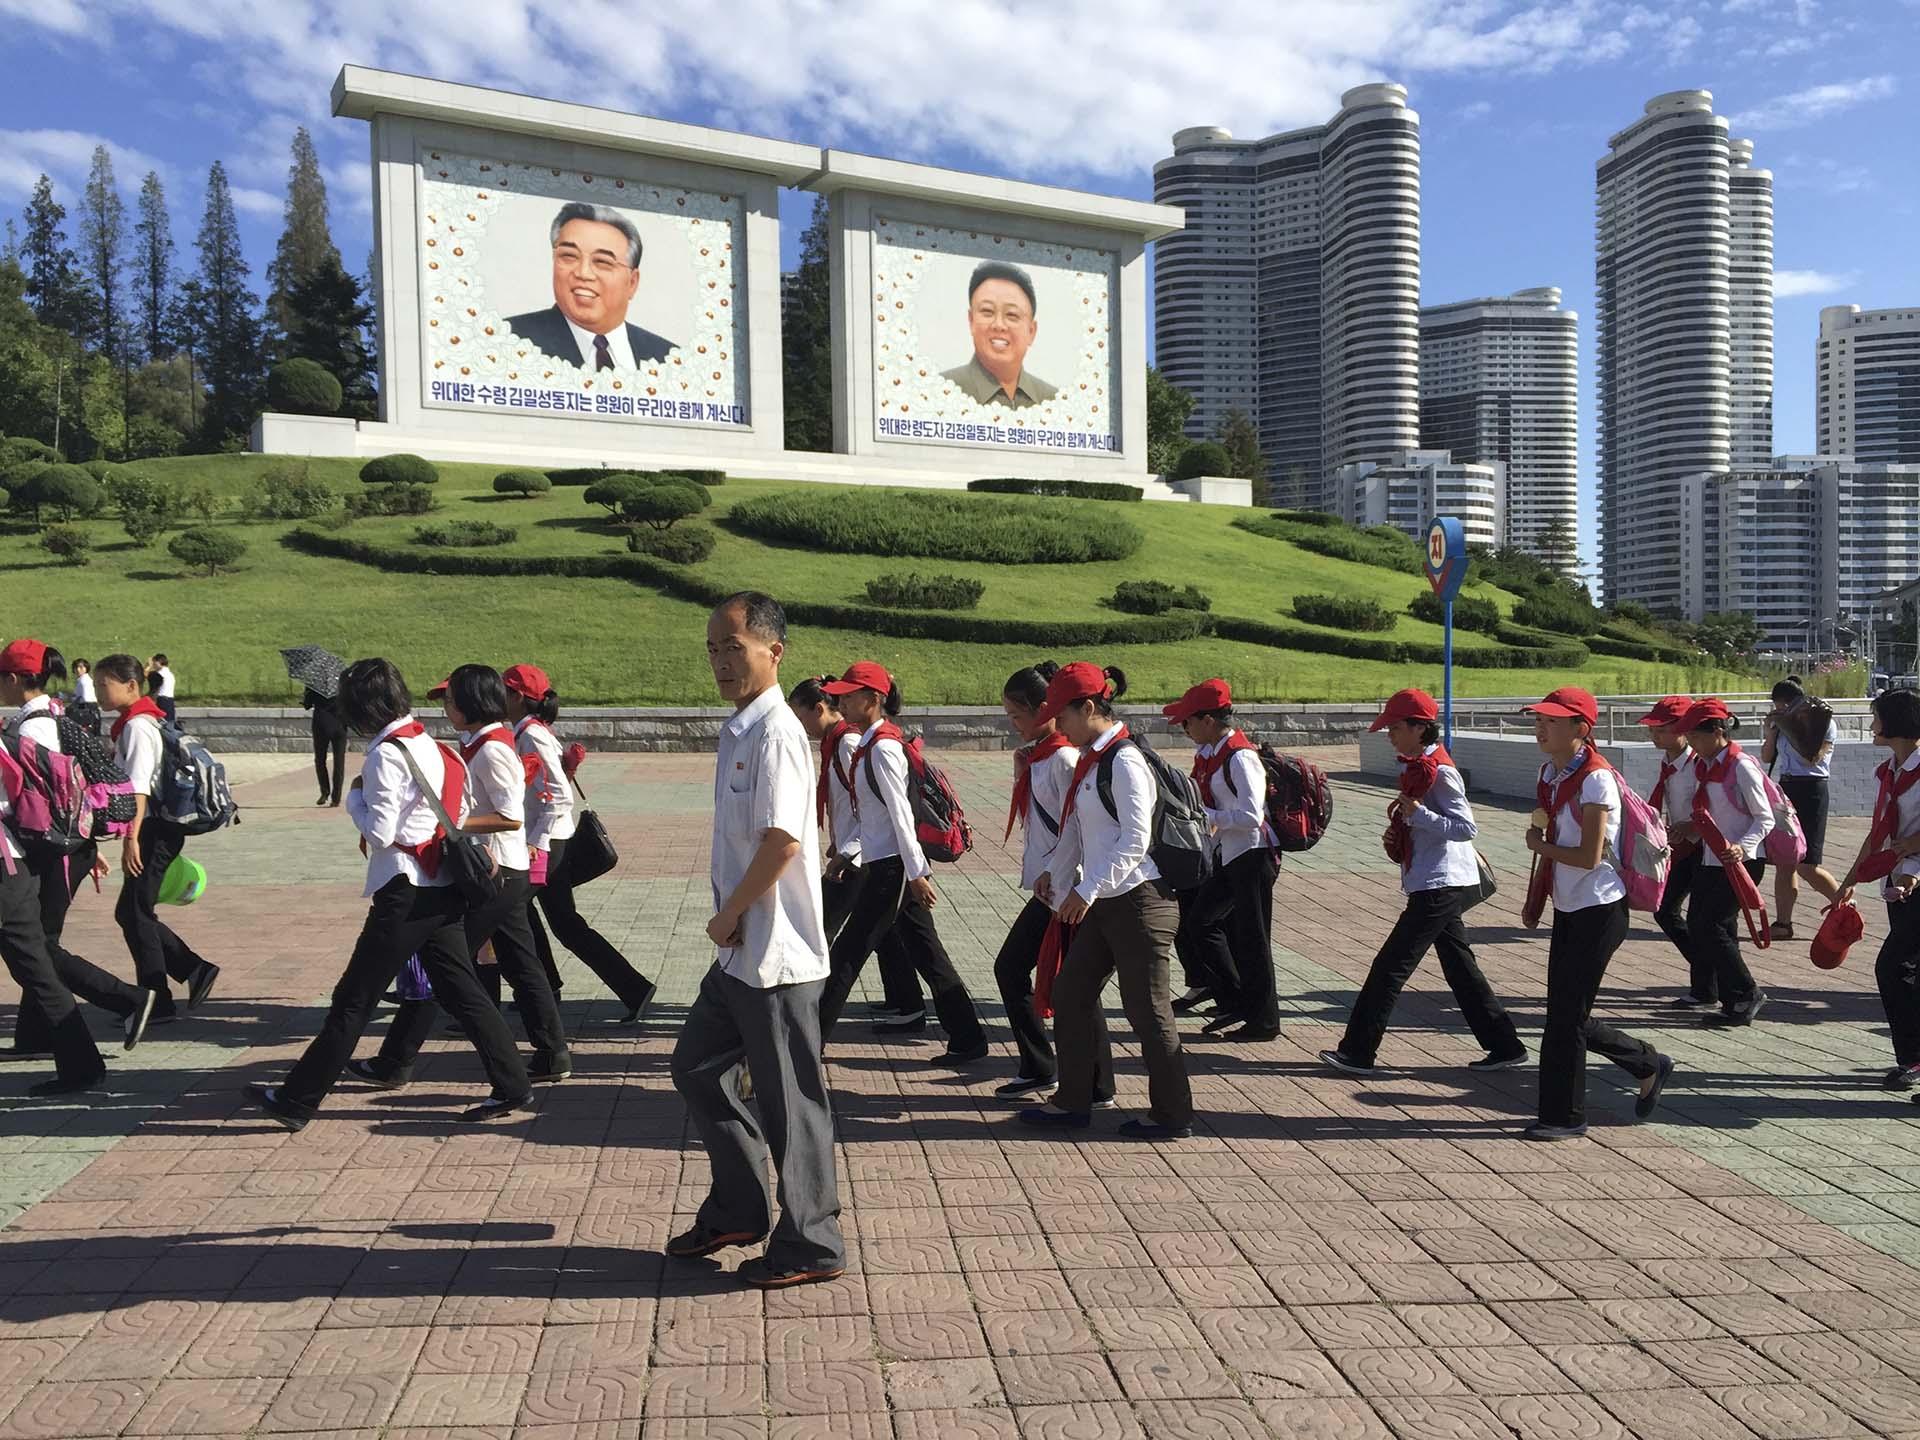 """""""La imagen del líder debe estar siempre en el centro del espacio arquitectónico"""", sentenció Kim Jong Il en su tratado Sobre la arquitectura, """"porque al ser visible en todo momento y desde cualquier lugar, los ciudadanos nunca olvidarán que son felices en el abrazo del líder"""".Kim Jong Il asumió el poder en el """"reino ermitaño"""" en 1994, luego de la muerte de su padre, Kim Il Sung, fundador y líder del país desde 1948. Lo hizo al mismo tiempo que Corea del Norte inauguraba su época más dramática, atravesada por una hambruna masiva que provocaría, hacia finales de la década del noventa, la muerte de casi un millón de norcoreanos"""